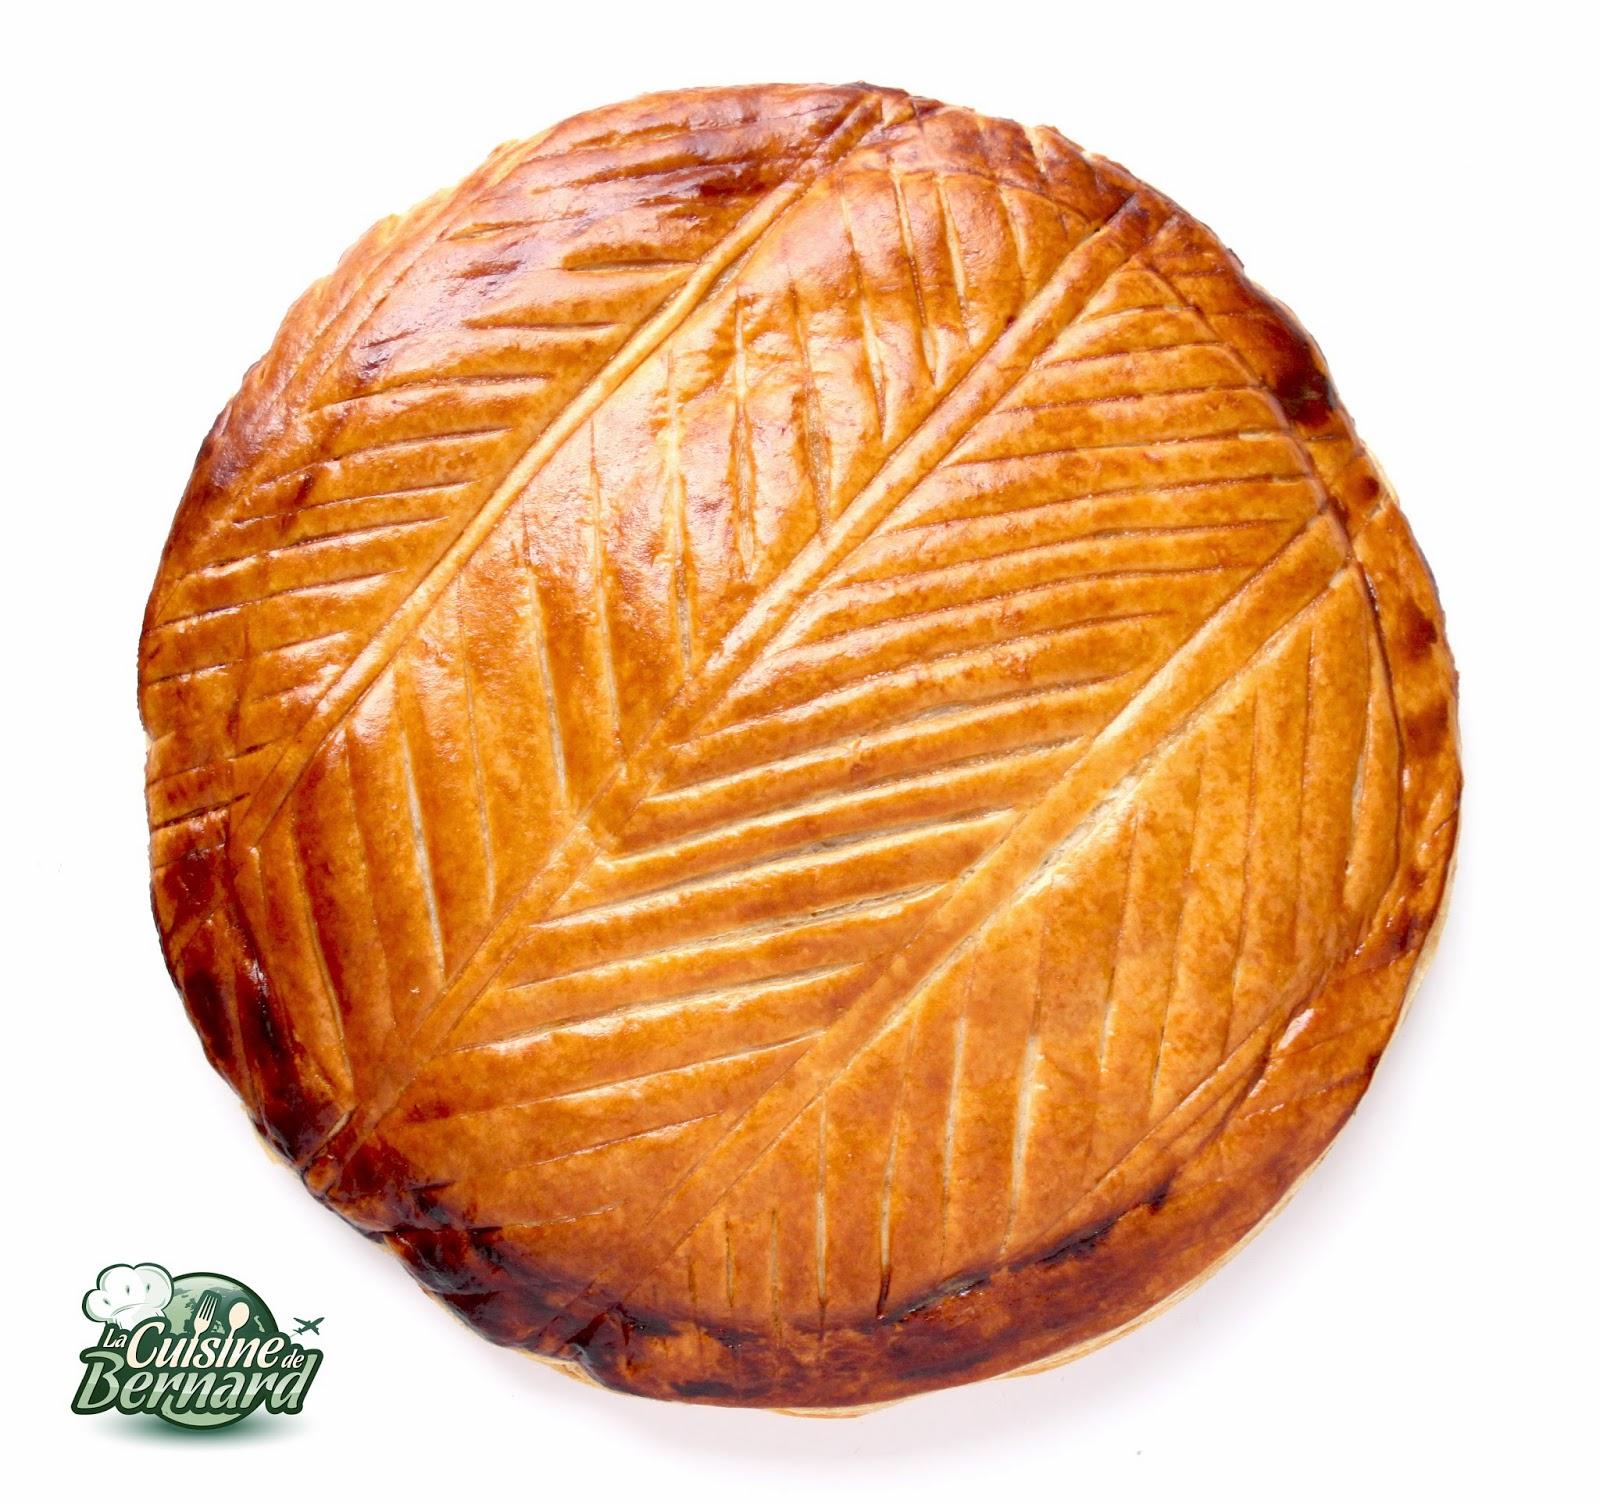 La cuisine de bernard galette des rois pistache kirsch - Dessin sur galette des rois ...